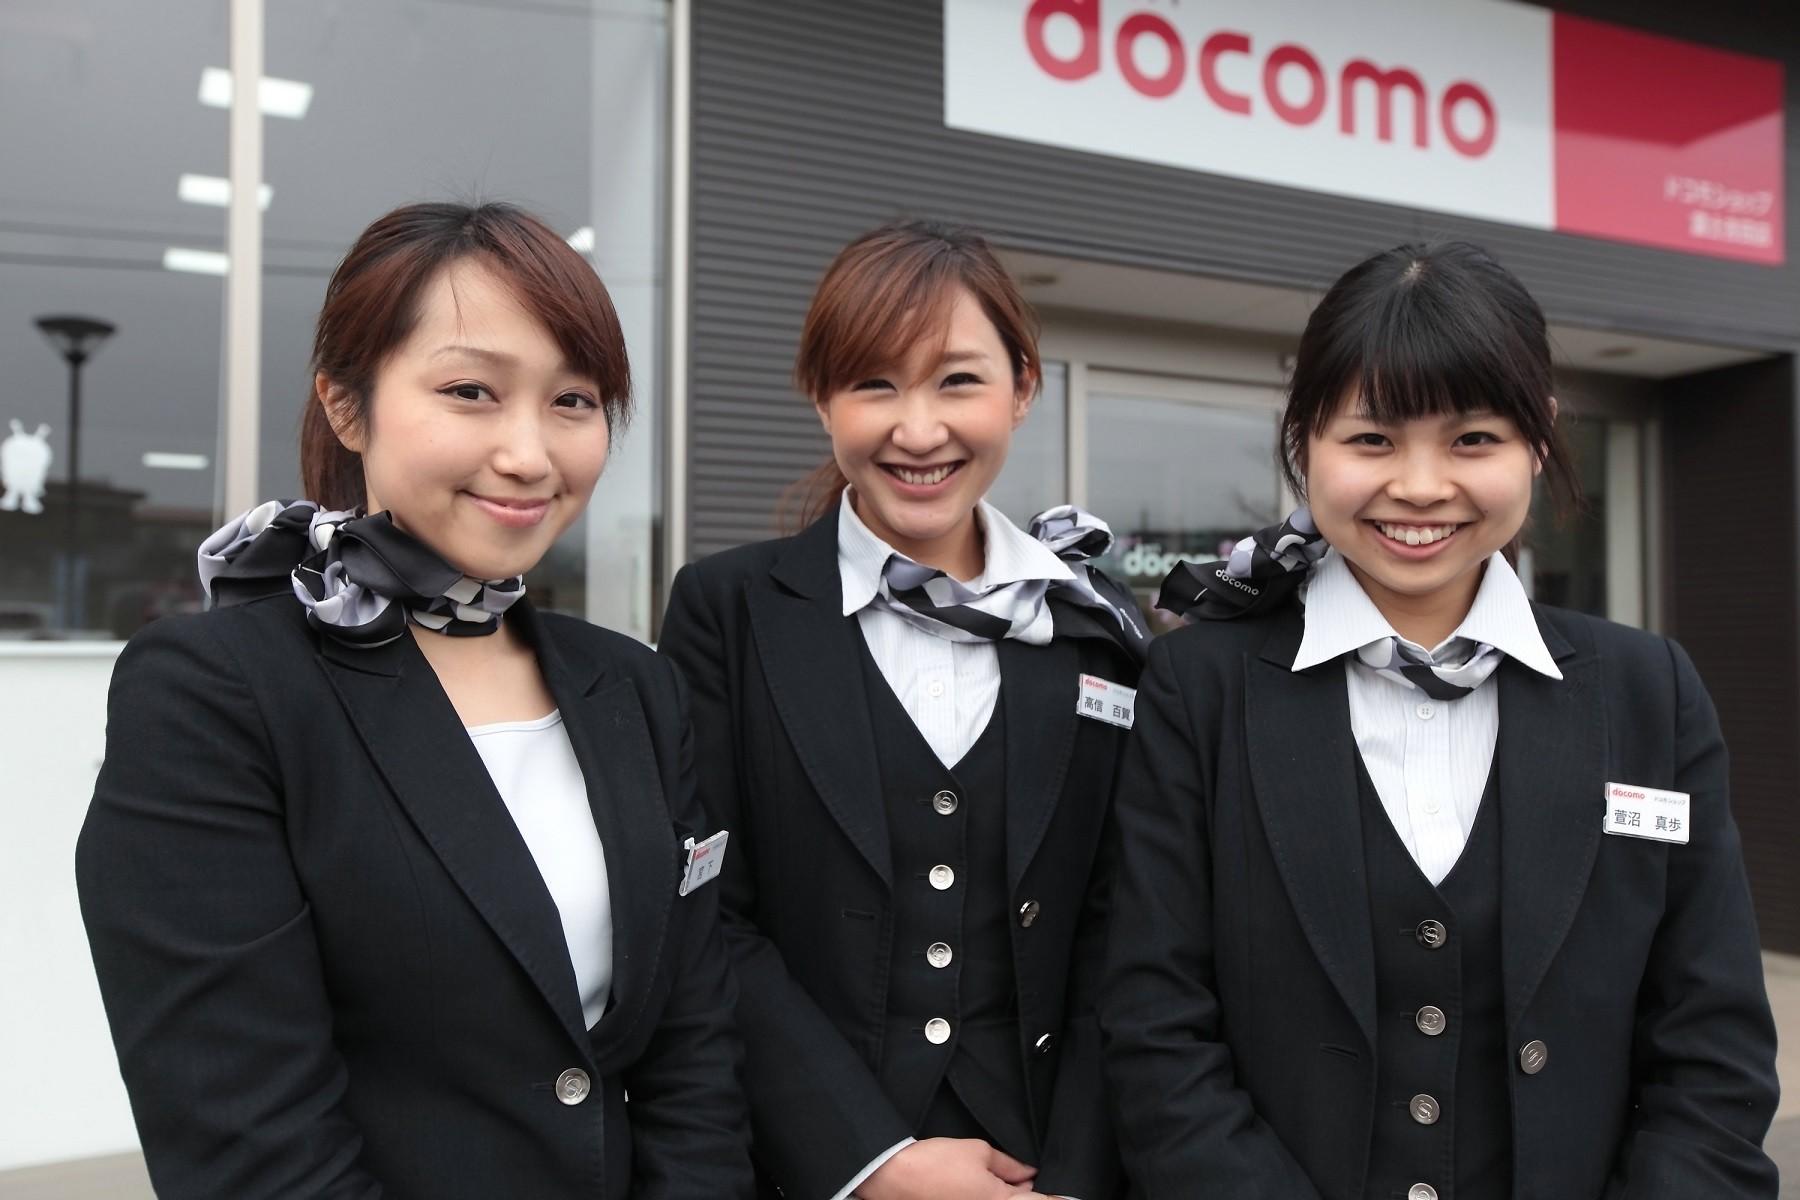 女性スタッフが活躍中!笑顔の接客を大切にしています